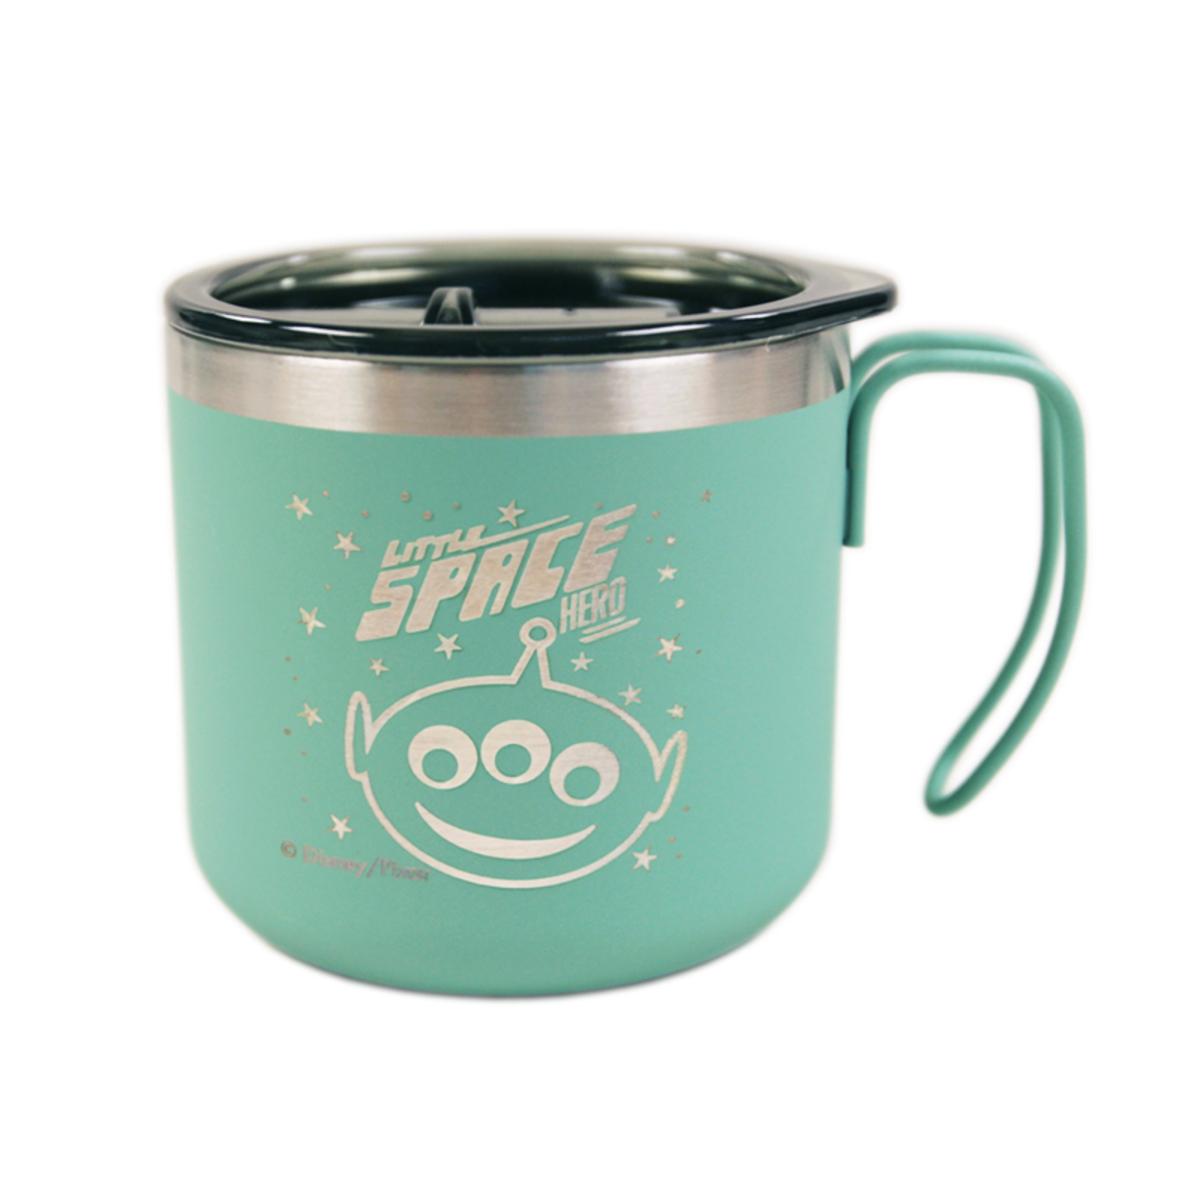 不锈鋼保溫杯 (350毫升) (迪士尼許可產品)